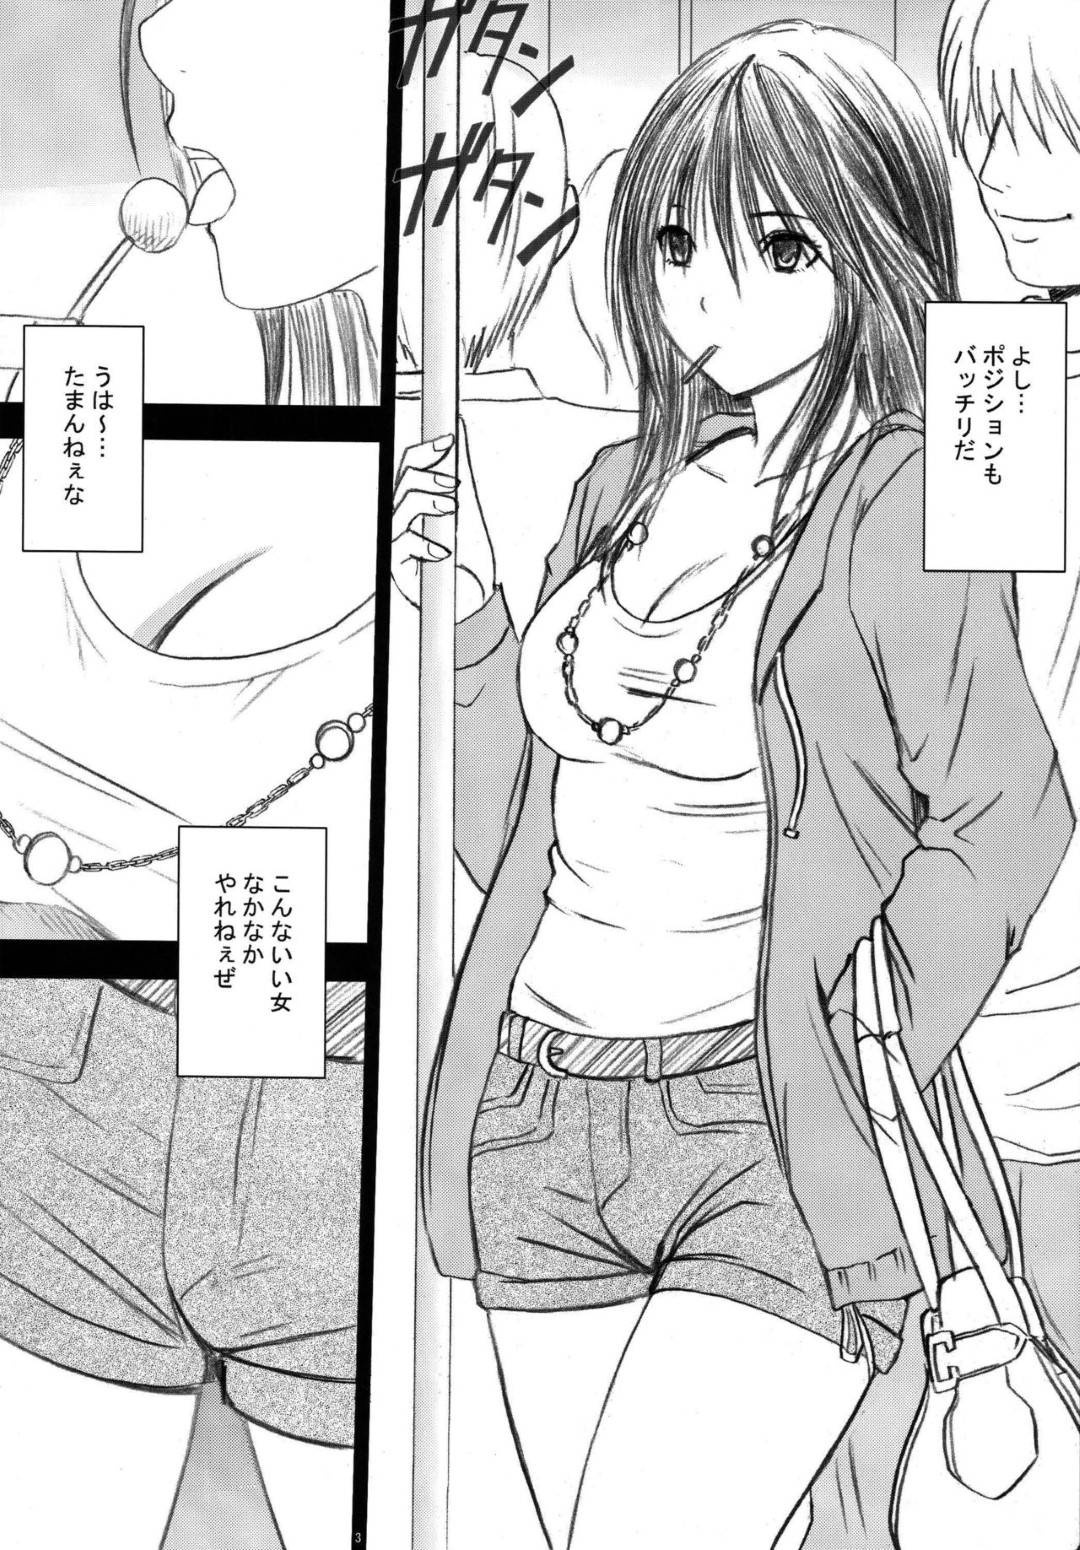 【エロ漫画】電車の中で若い男二人組みに痴漢をされるショートパンツがセクシーな女の子…男たちは慣れた手つきで女の子が抵抗しにくい状況を作りながら感じさせ反応を見ながら過激な責めを続けイカせてしまう。【カーマイン:限定解除 第一話】